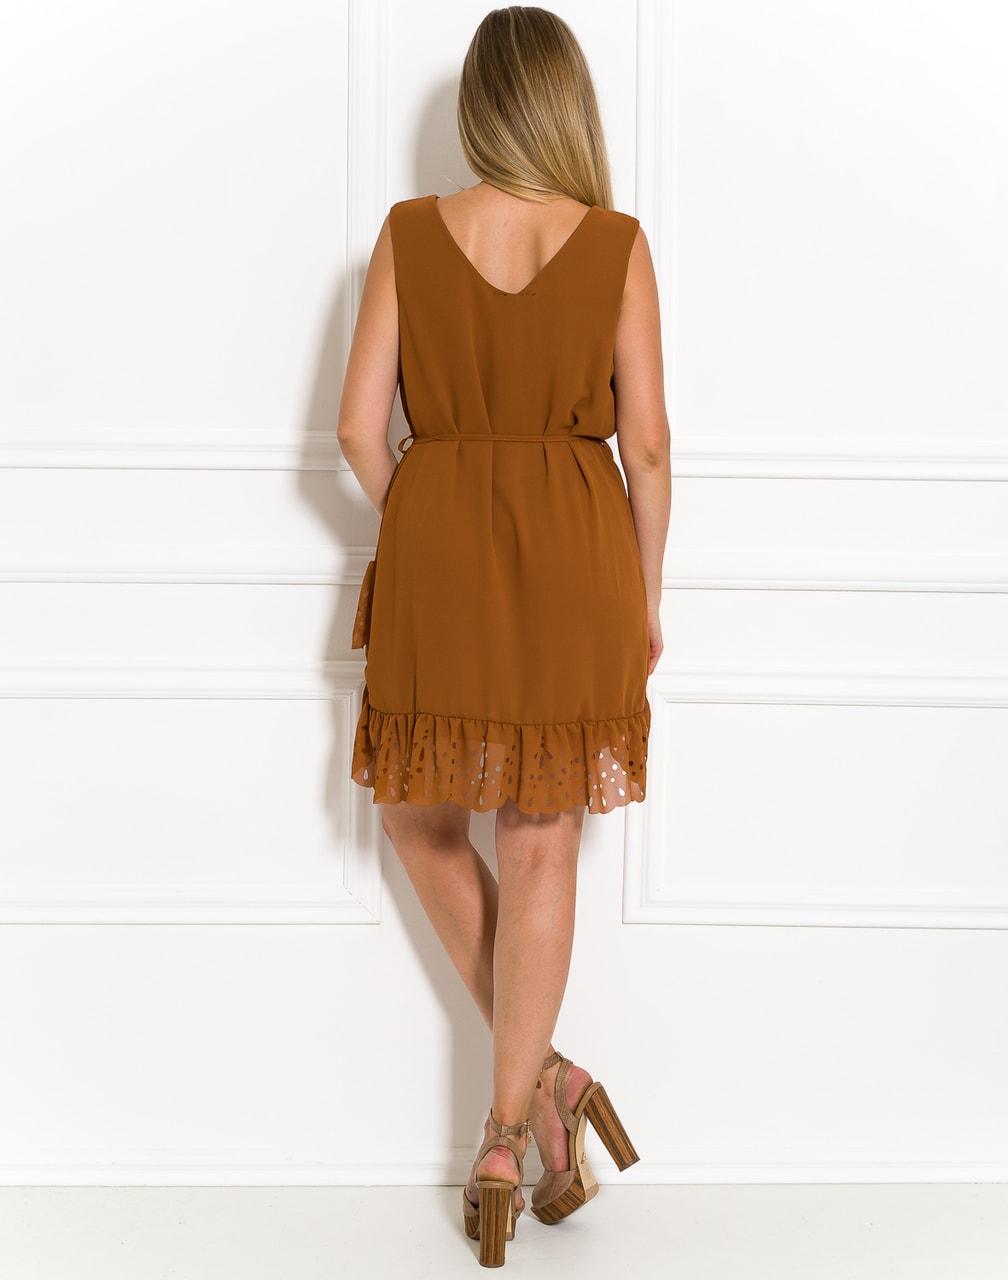 Glamadise.sk - Letné okrovej šaty s perforovaným volánom - Glamorous ... 8cf34366412